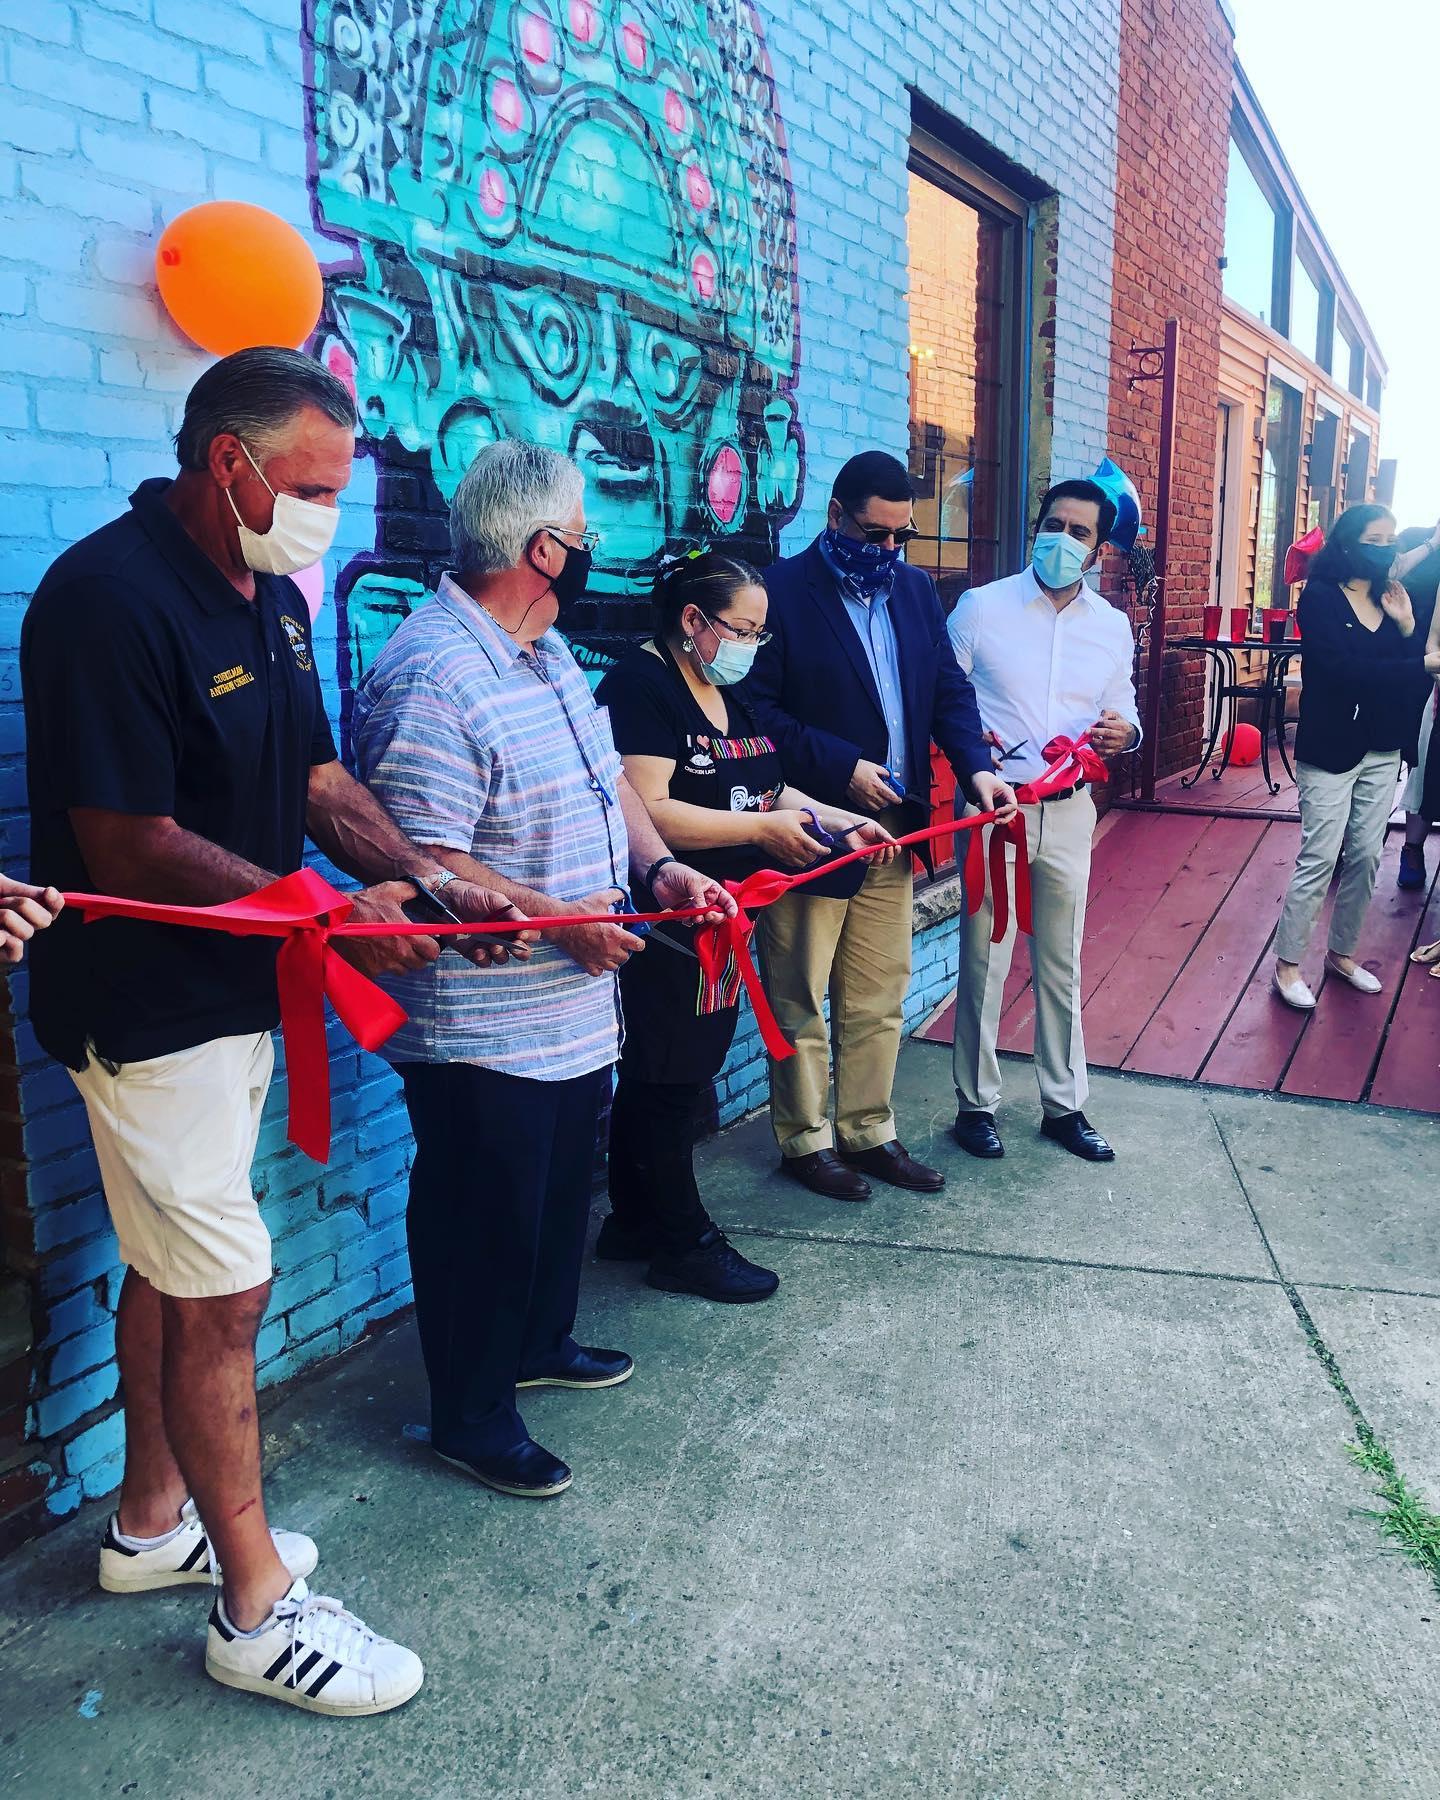 Chicken Latino celebra la apertura de su nuevo local en Beechview